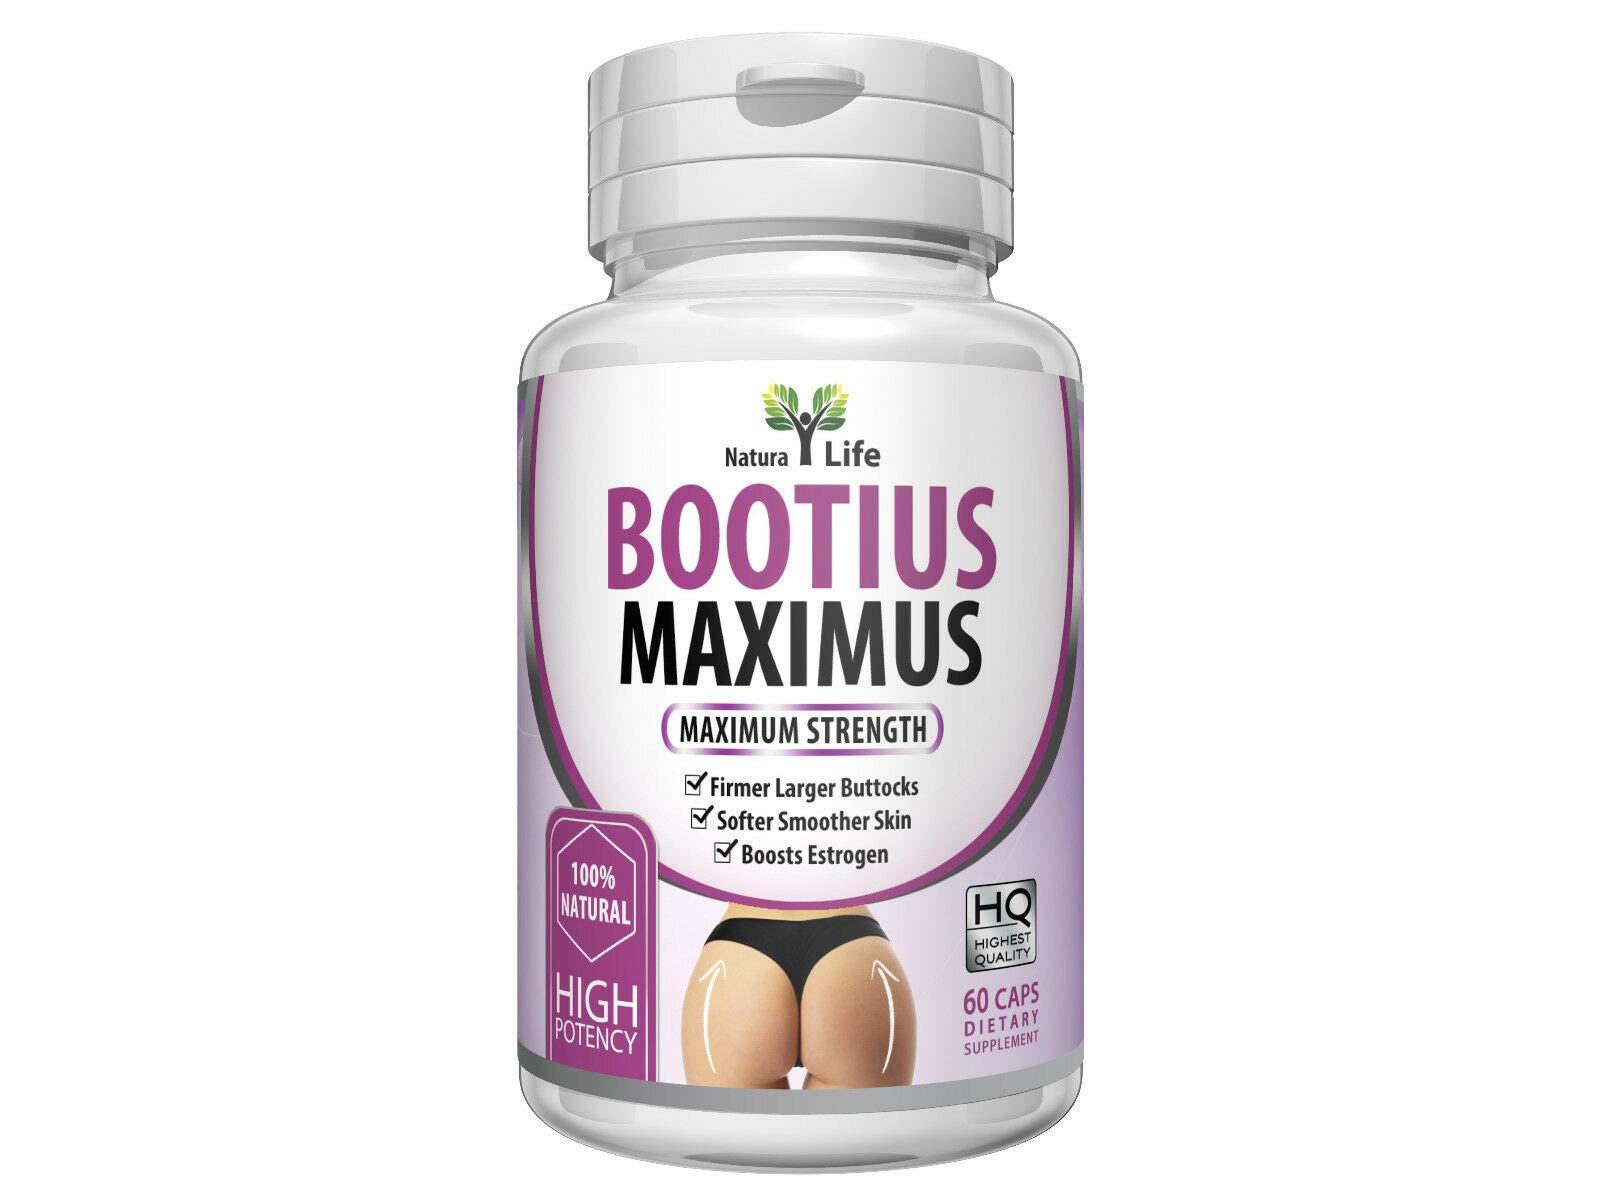 BOOTIUS Maximus Enhancement Enlargement Capsules